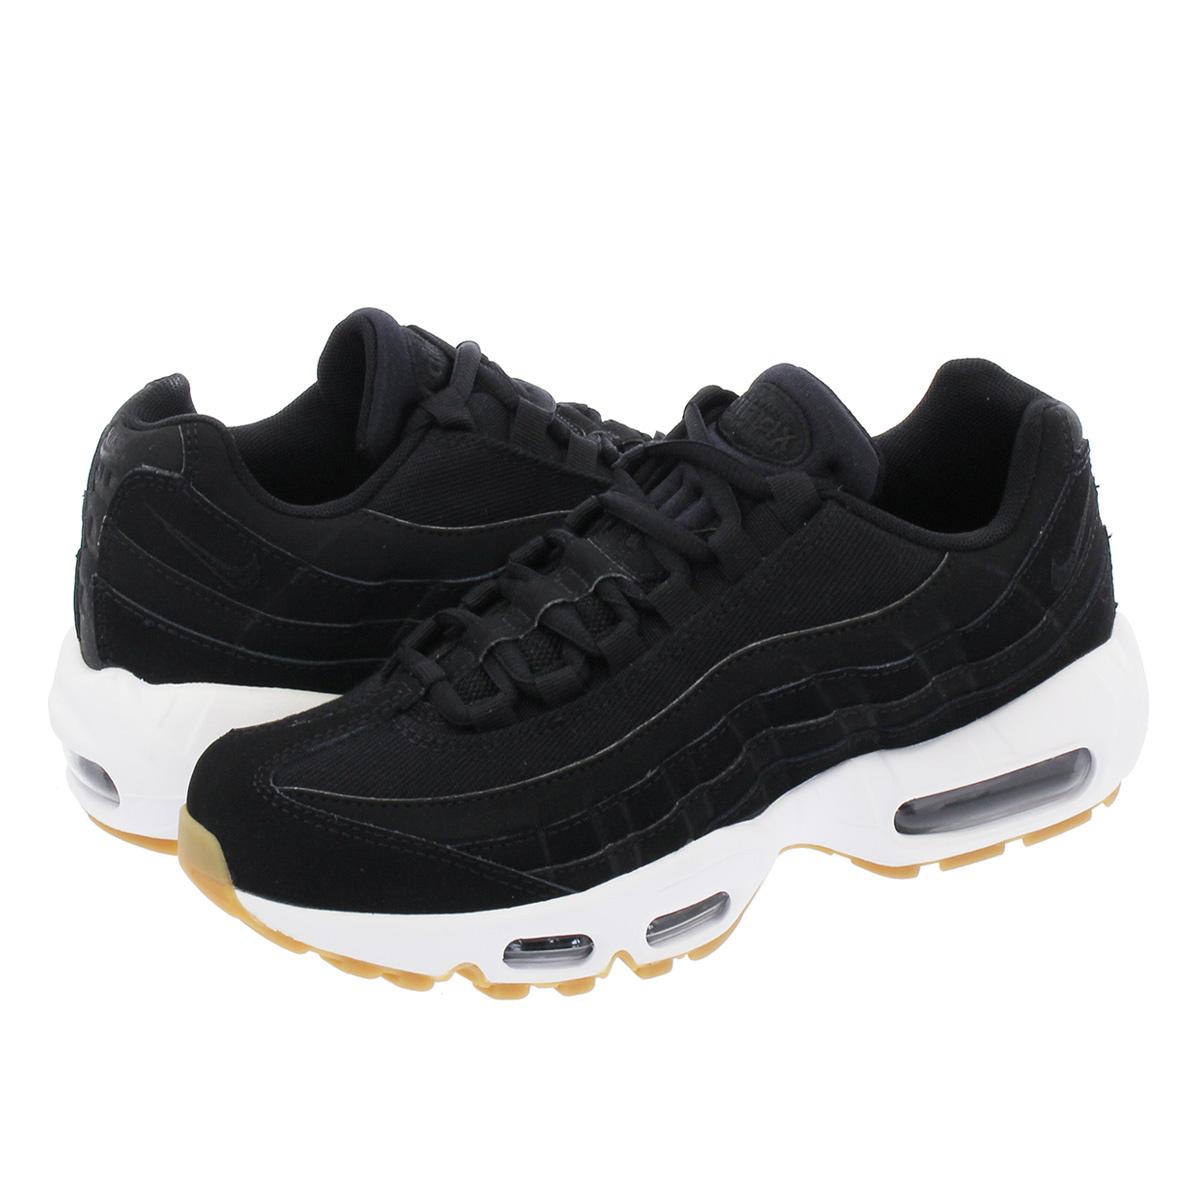 quality design 4d247 3ba67 NIKE WMNS AIR MAX 95 Nike women Air Max 95 BLACK/ANTHRACITE/GUM LIGHT BROWN  307,960-017